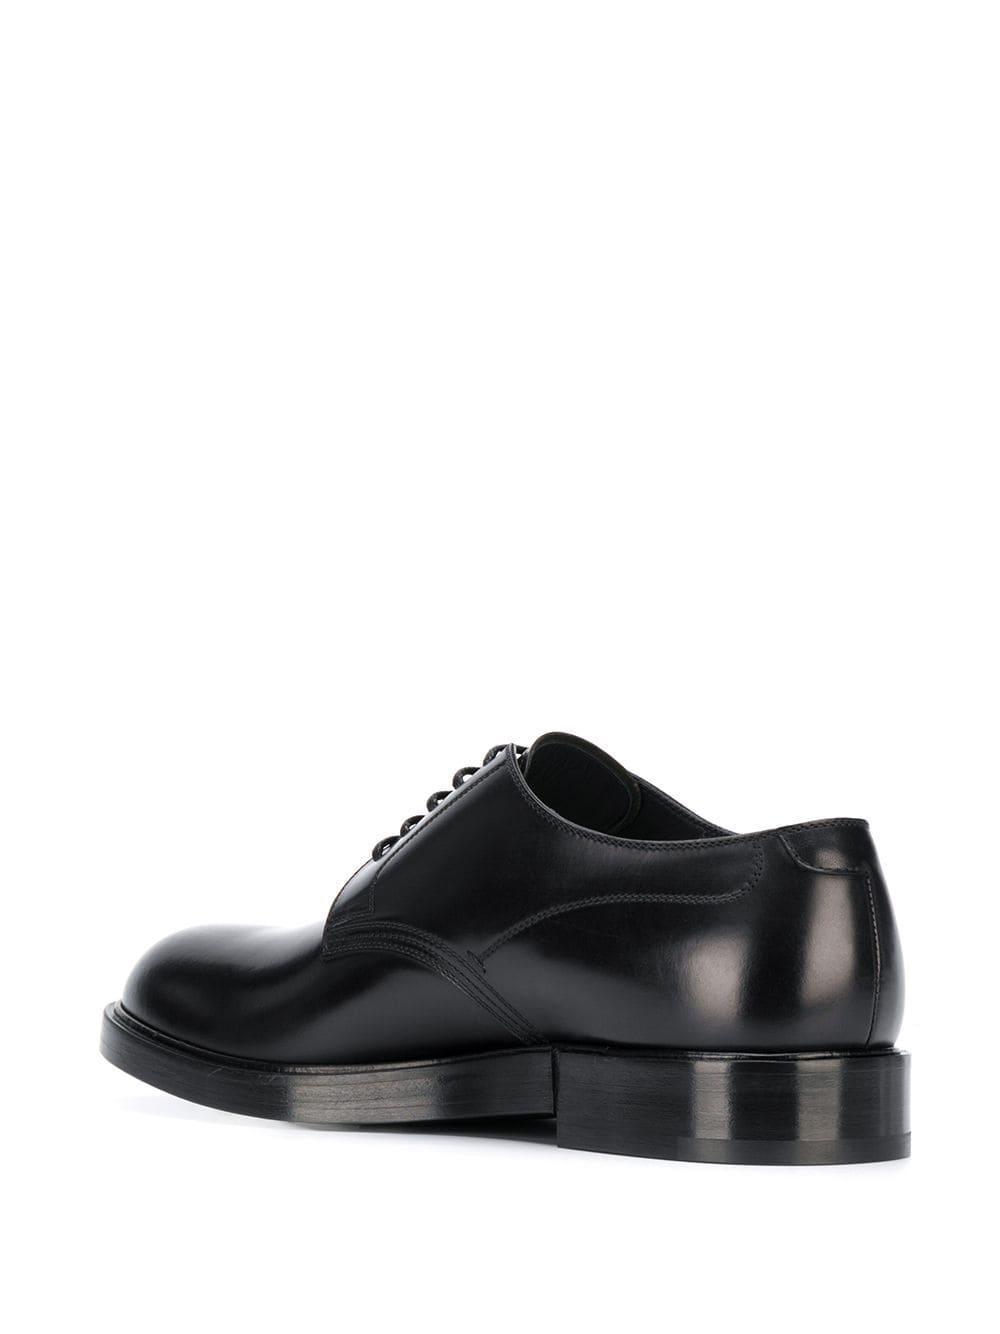 Dolce & Gabbana Leer Derby Veterschoenen in het Zwart voor heren